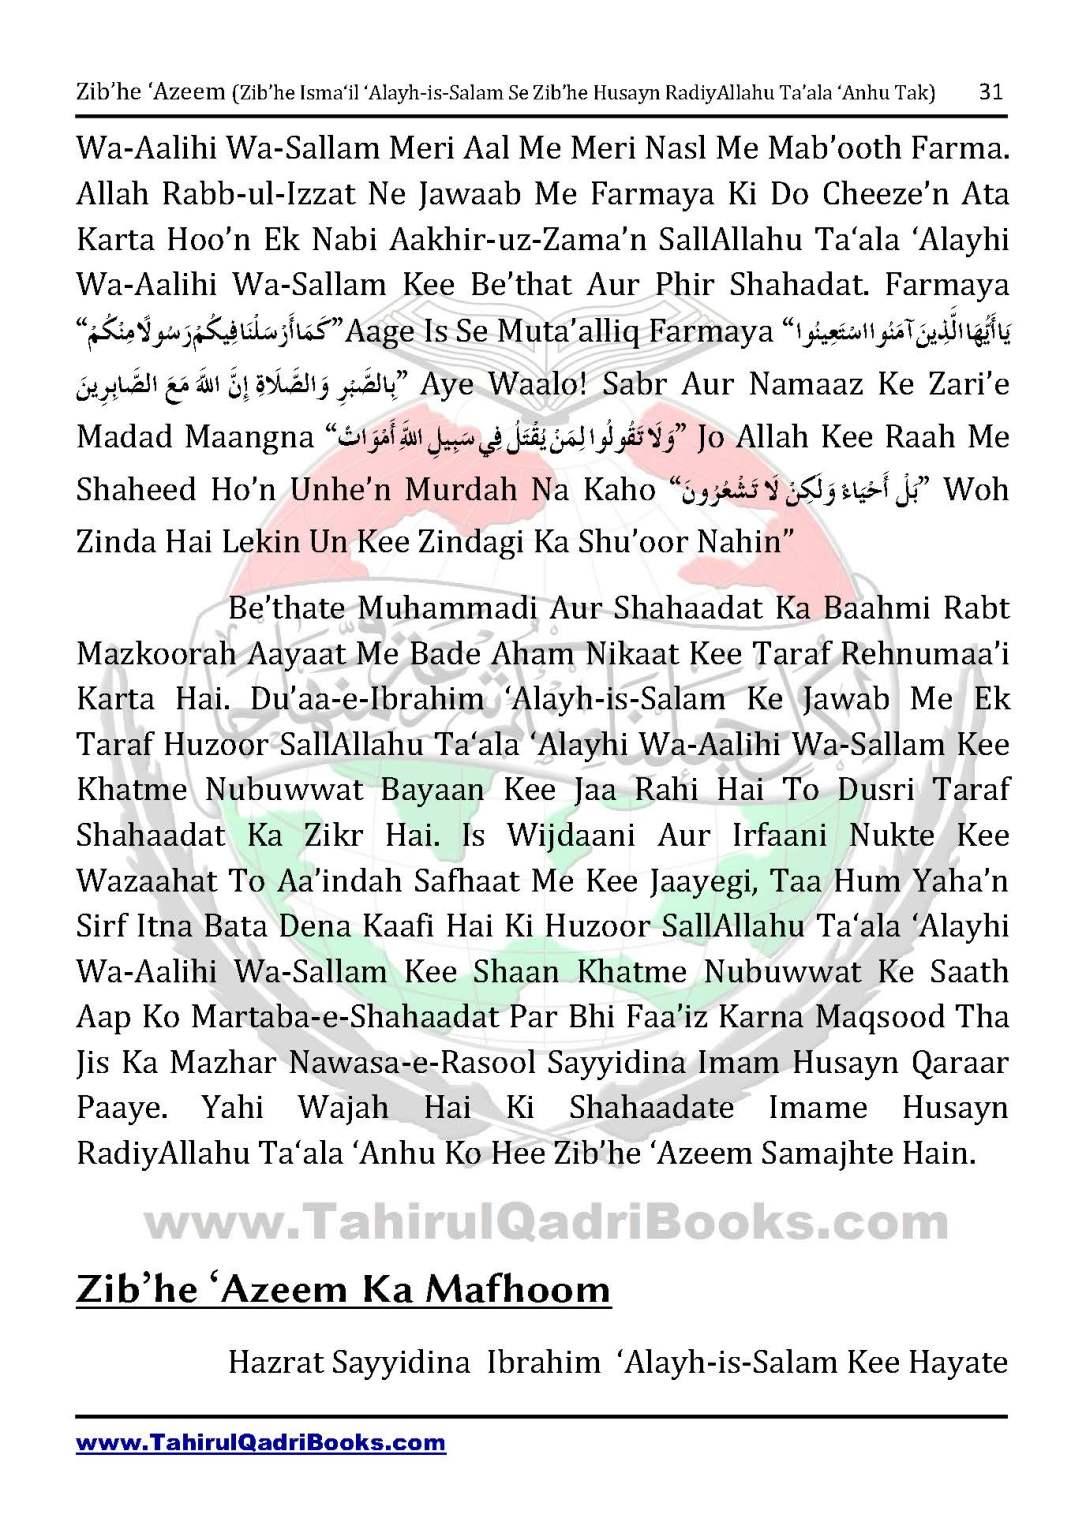 zib_he-e28098azeem-zib_he-ismacabbil-se-zib_he-husayn-tak-in-roman-urdu-unlocked_Page_031